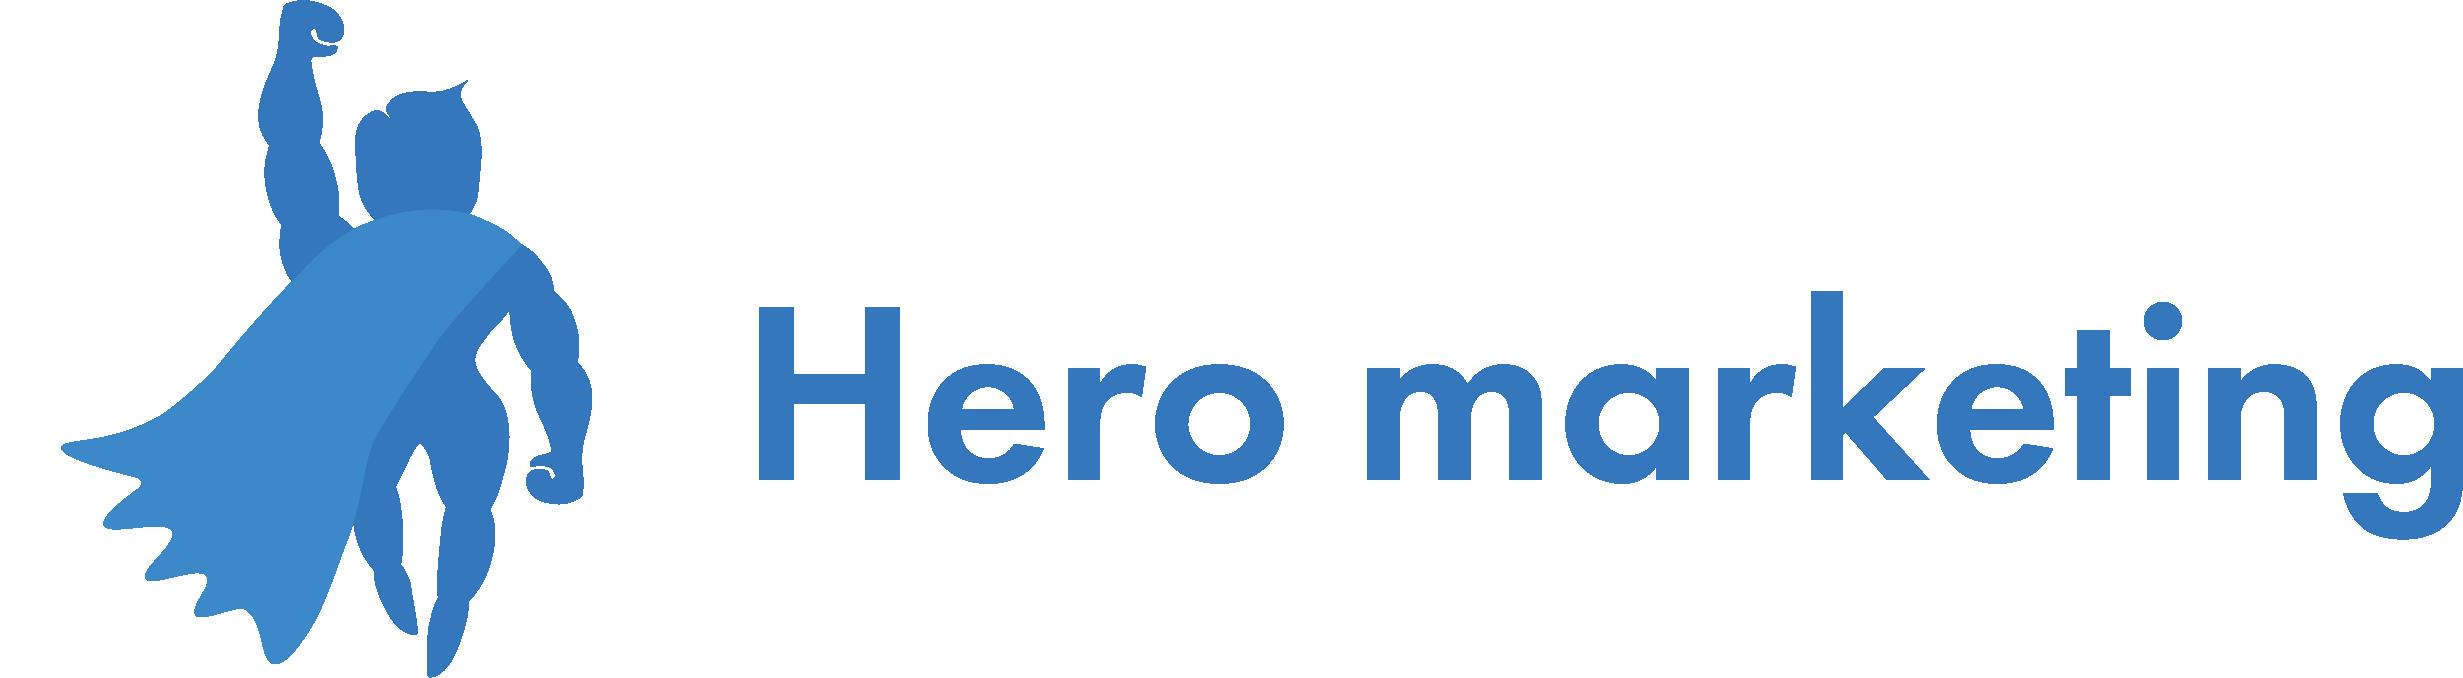 Hero marketing株式会社